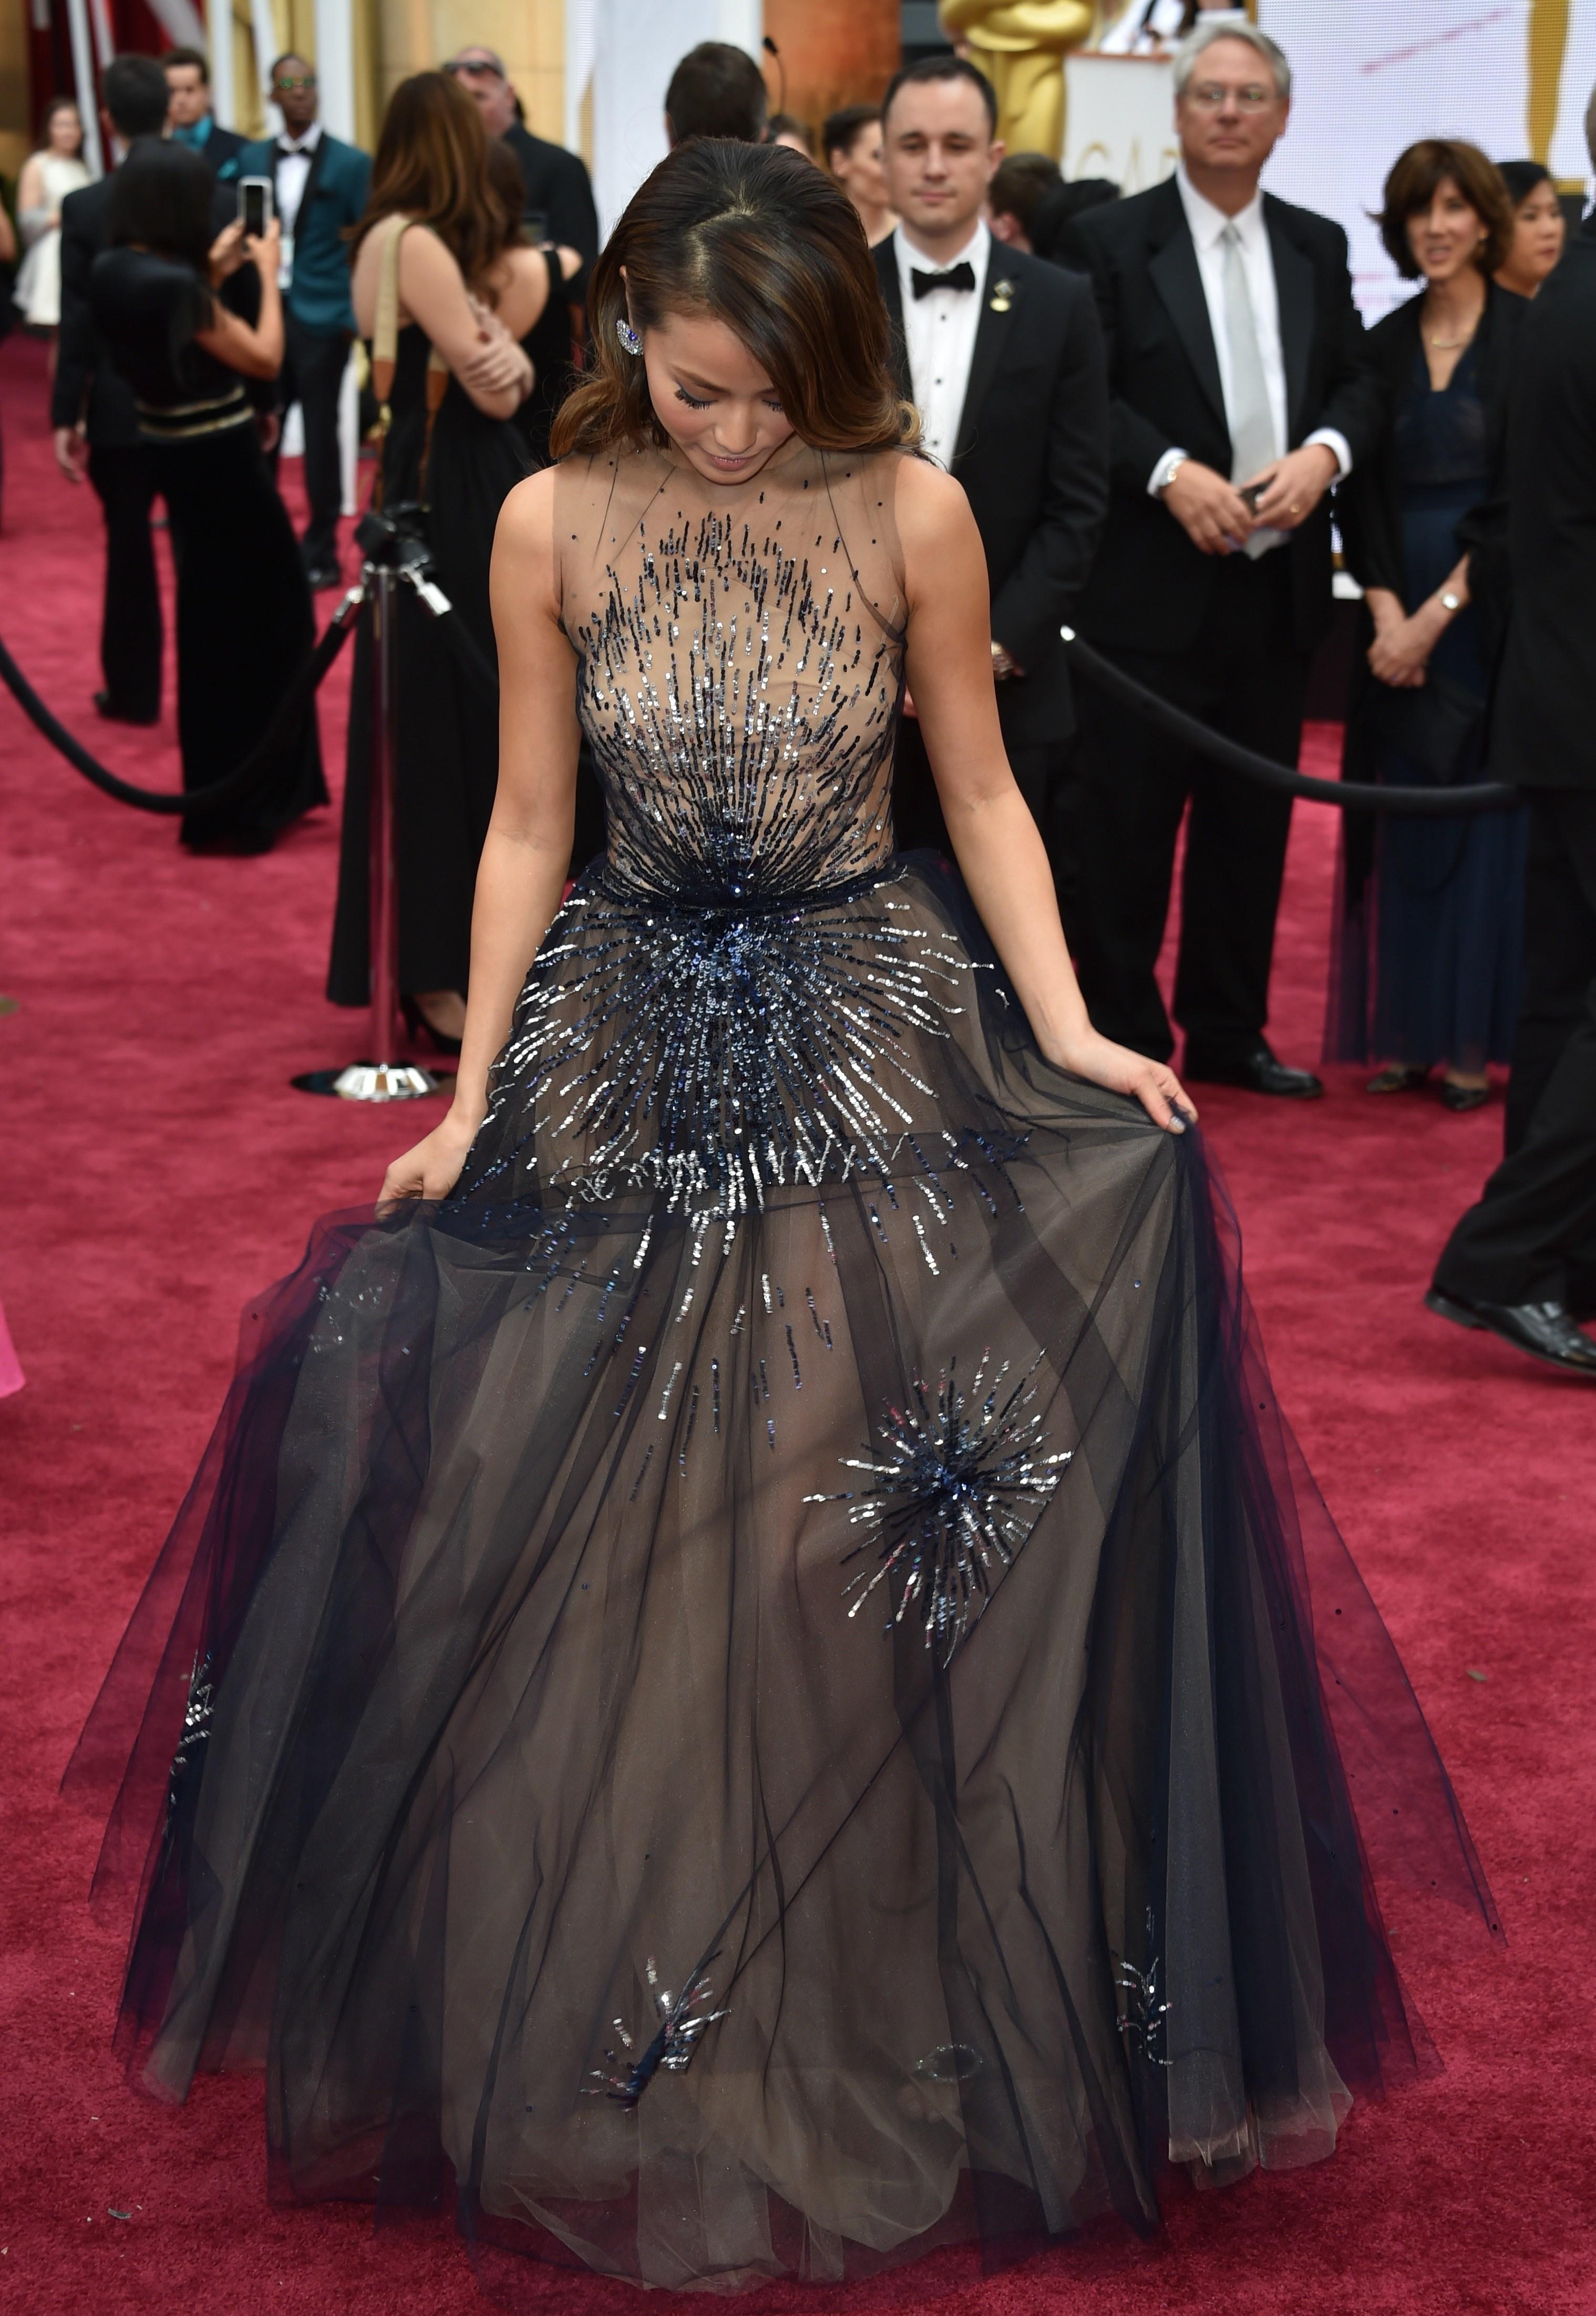 Do Celebrities Get Their Oscars Dresses For Free?